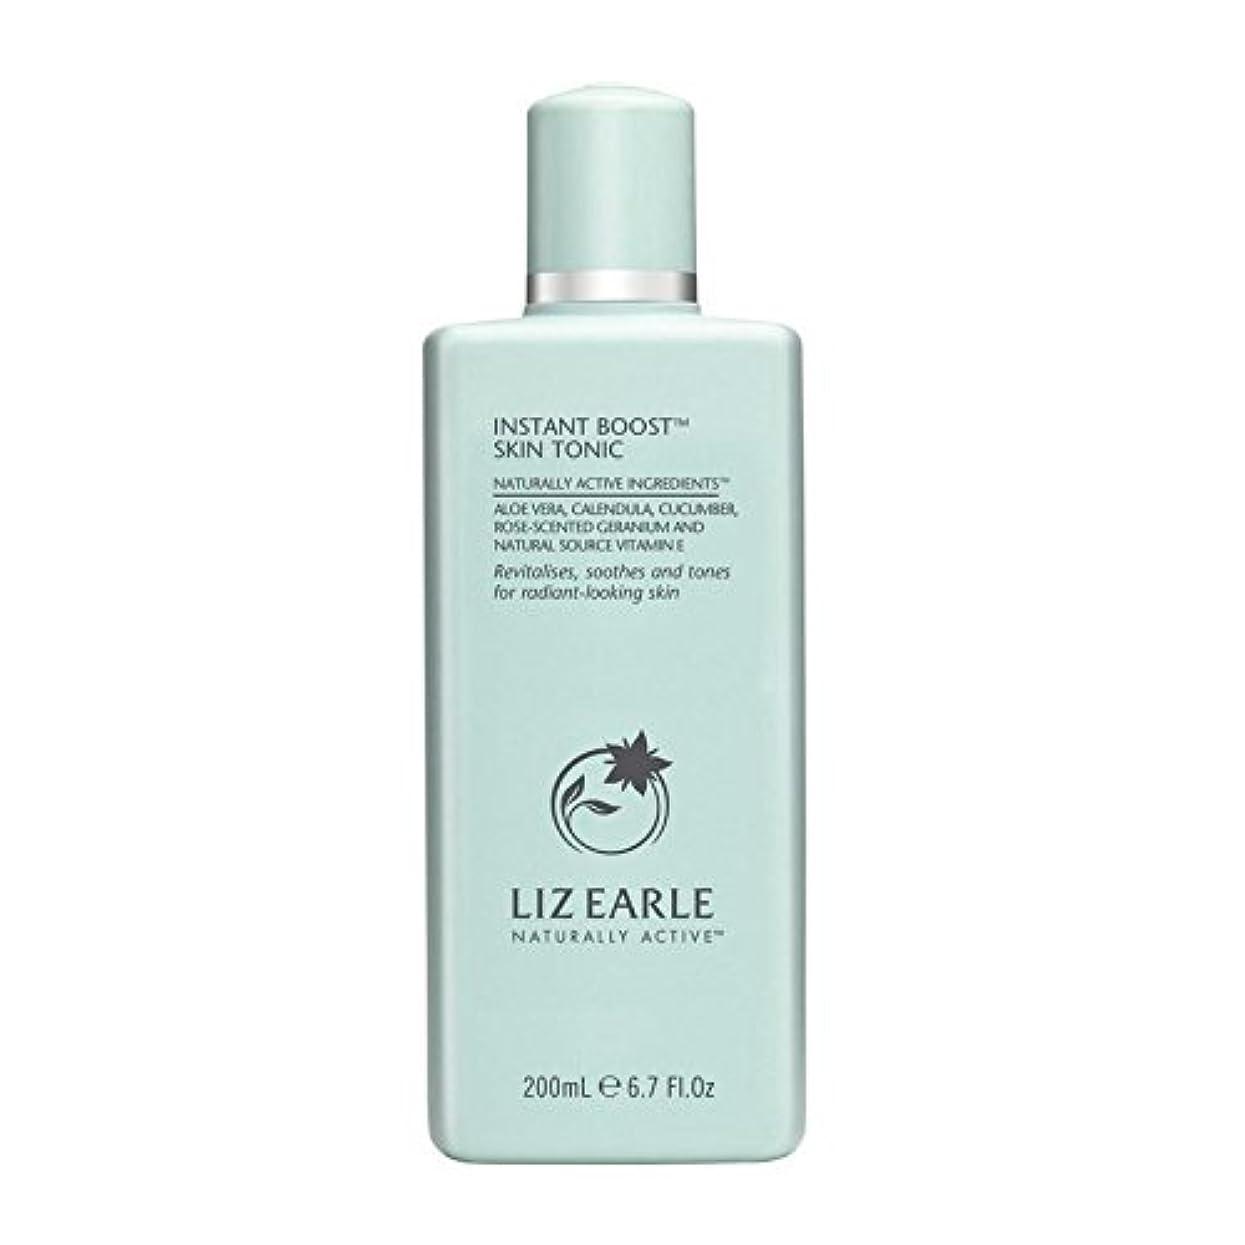 ラリーベルモント控えめなアーティキュレーションLiz Earle Instant Boost Skin Tonic Bottle 200ml (Pack of 6) - リズアールインスタントブーストスキントニックボトル200ミリリットル x6 [並行輸入品]